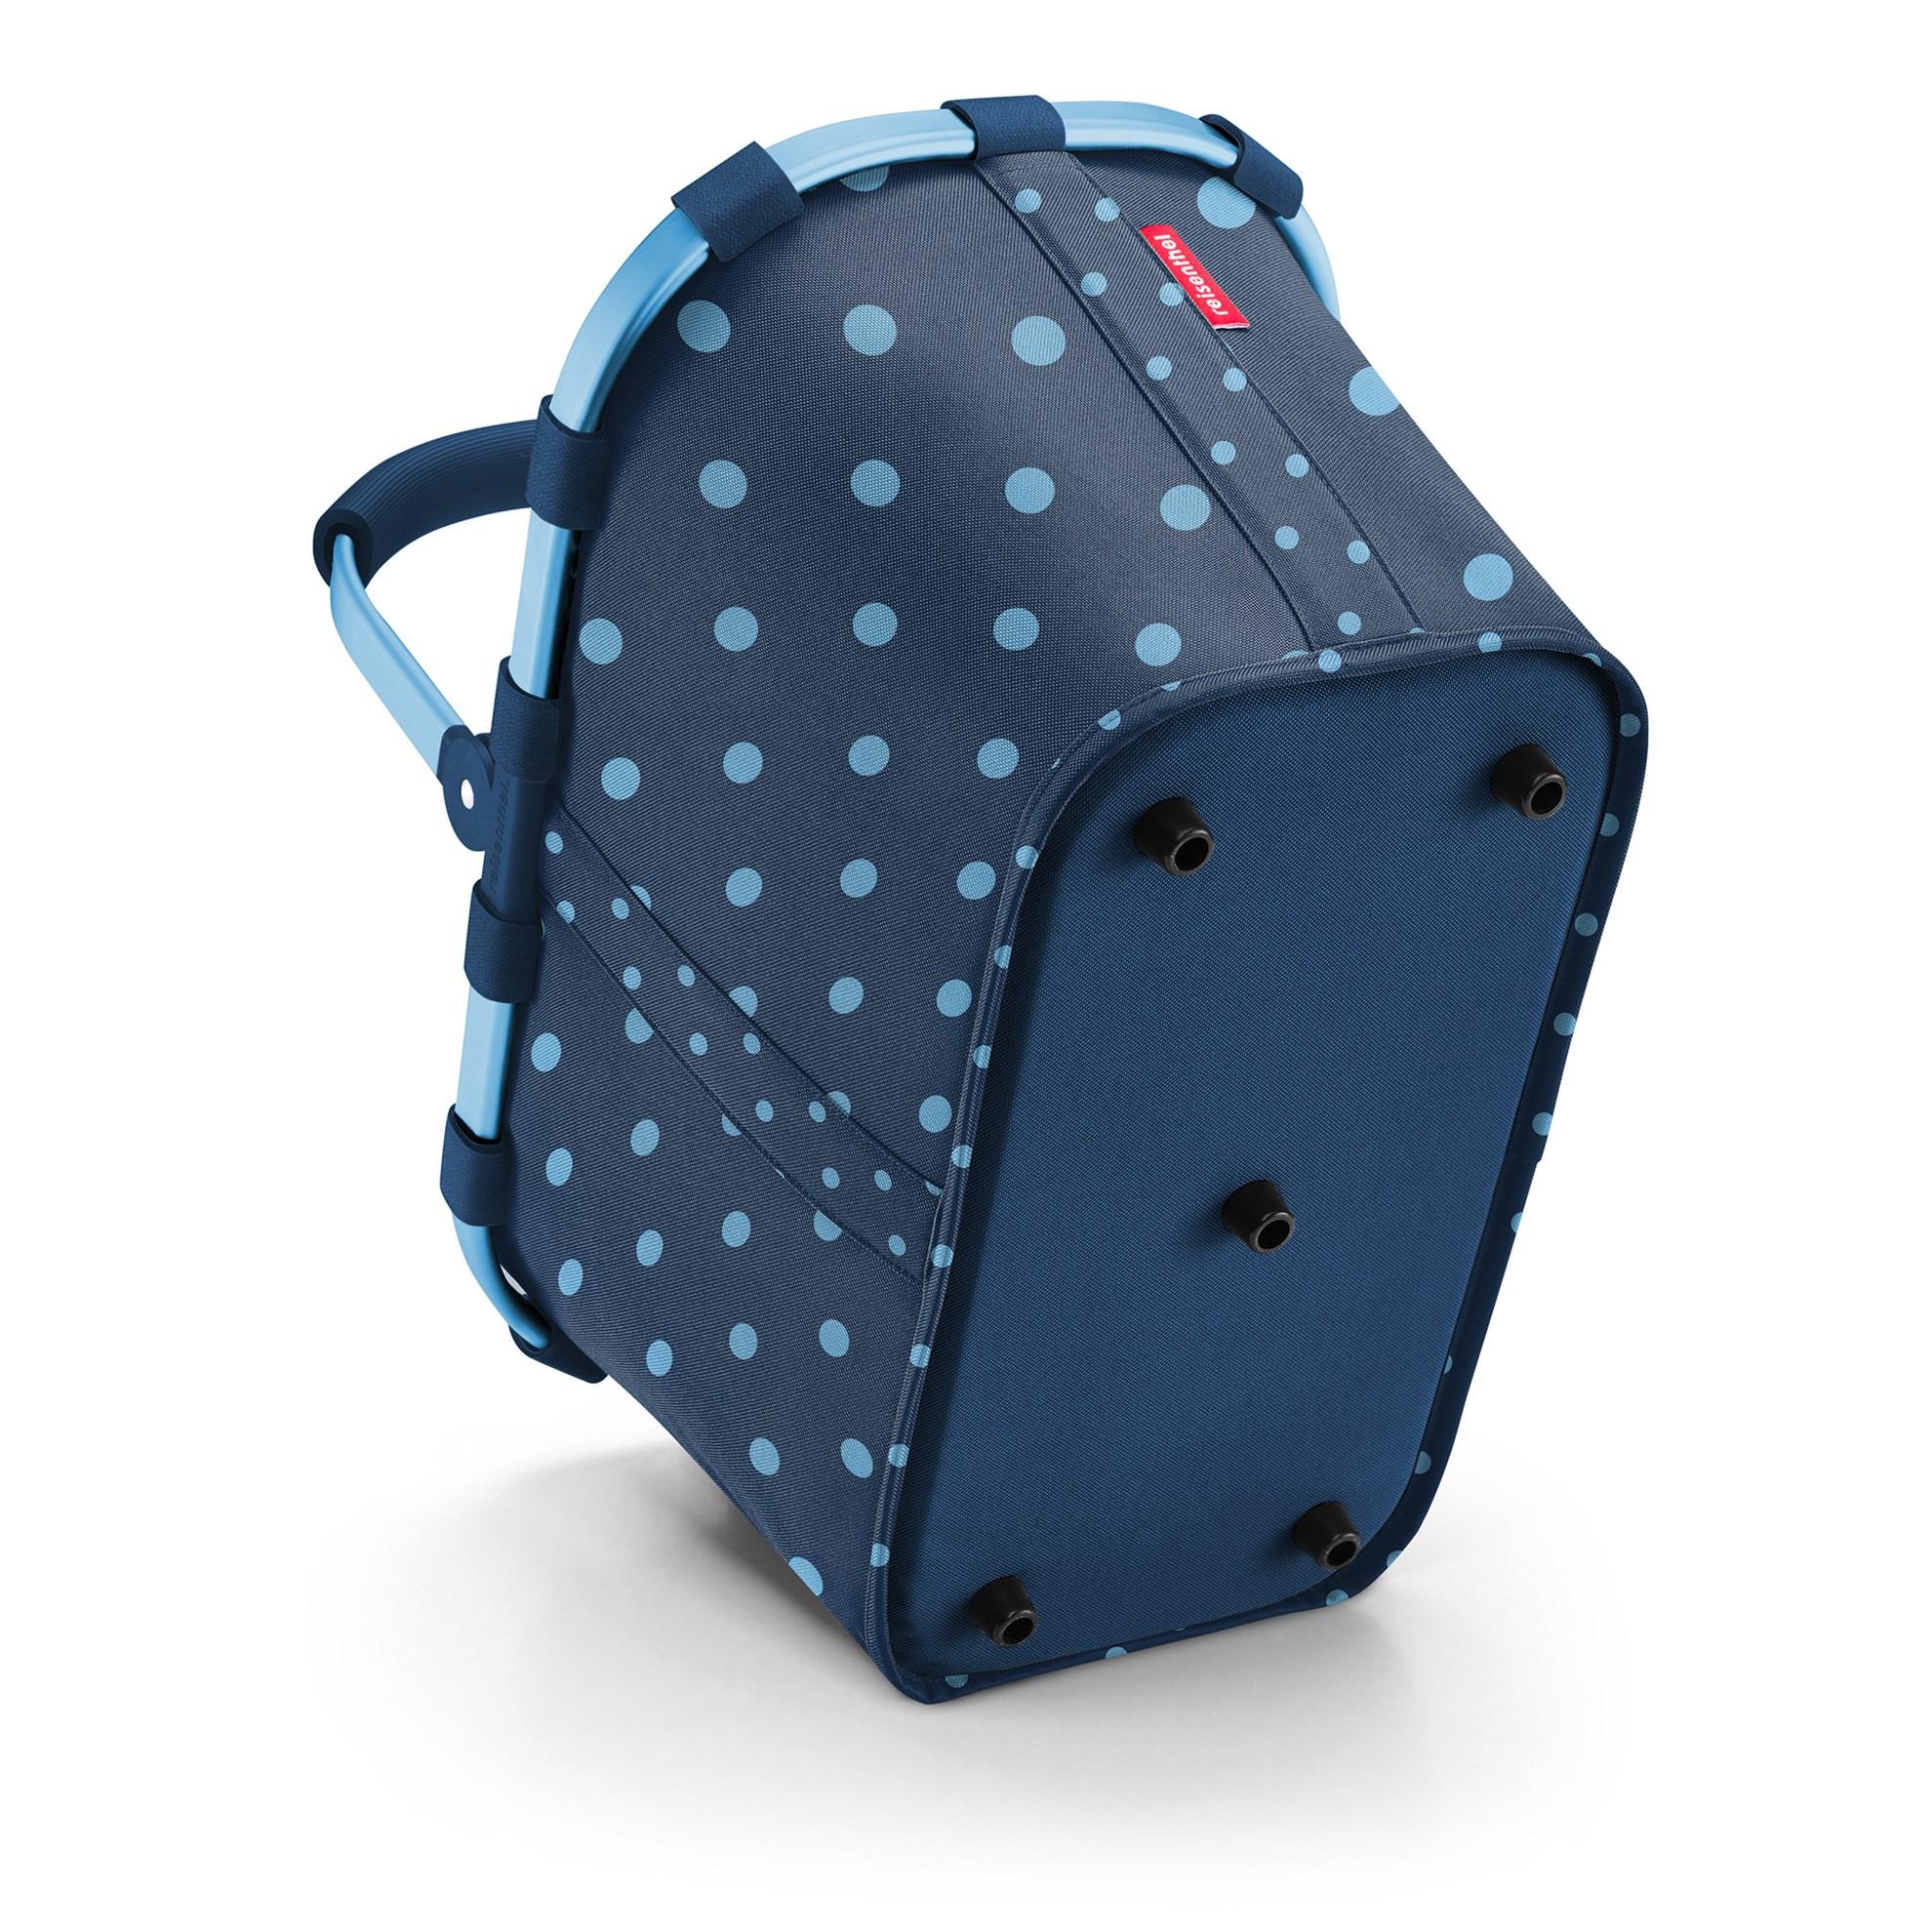 Nákupní košík Carrybag frame mixed dots blue_1